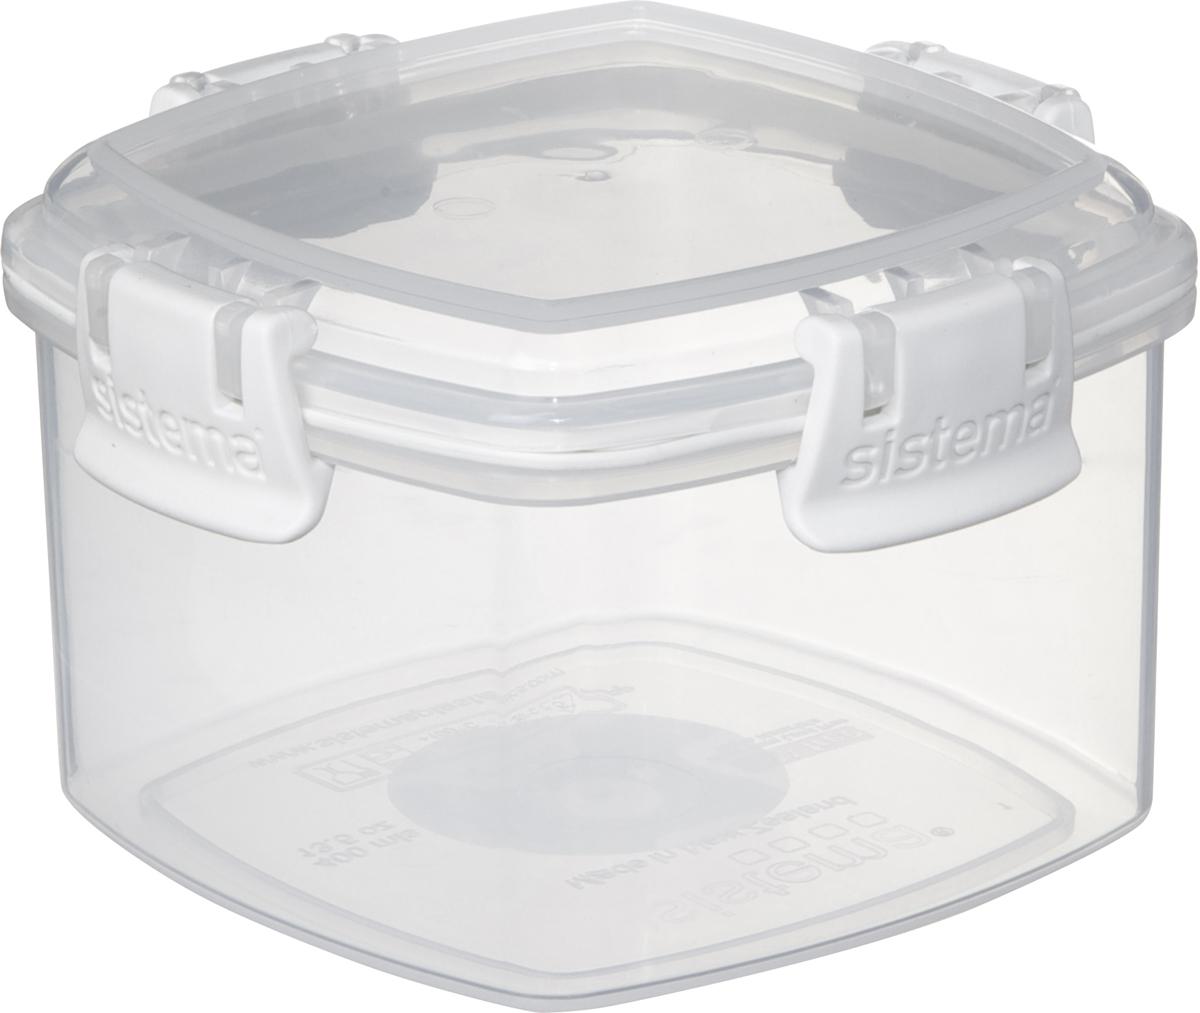 Контейнер Sistema Klip It, цвет: белый, прозрачный, 400 мл. 6133161331Контейнер Sistema Klip It предназначен для хранения различных продуктов. Крышка с силиконовой прокладкой герметично закрывается, что помогает дольшесохранить полезные свойства продуктов. Контейнер надежно закрывается клипсами, которые при необходимости можно заменить. Можно мыть в посудомоечной машине.Размер контейнера (с учетом крышки): 11 х 11 х 6,5 см.